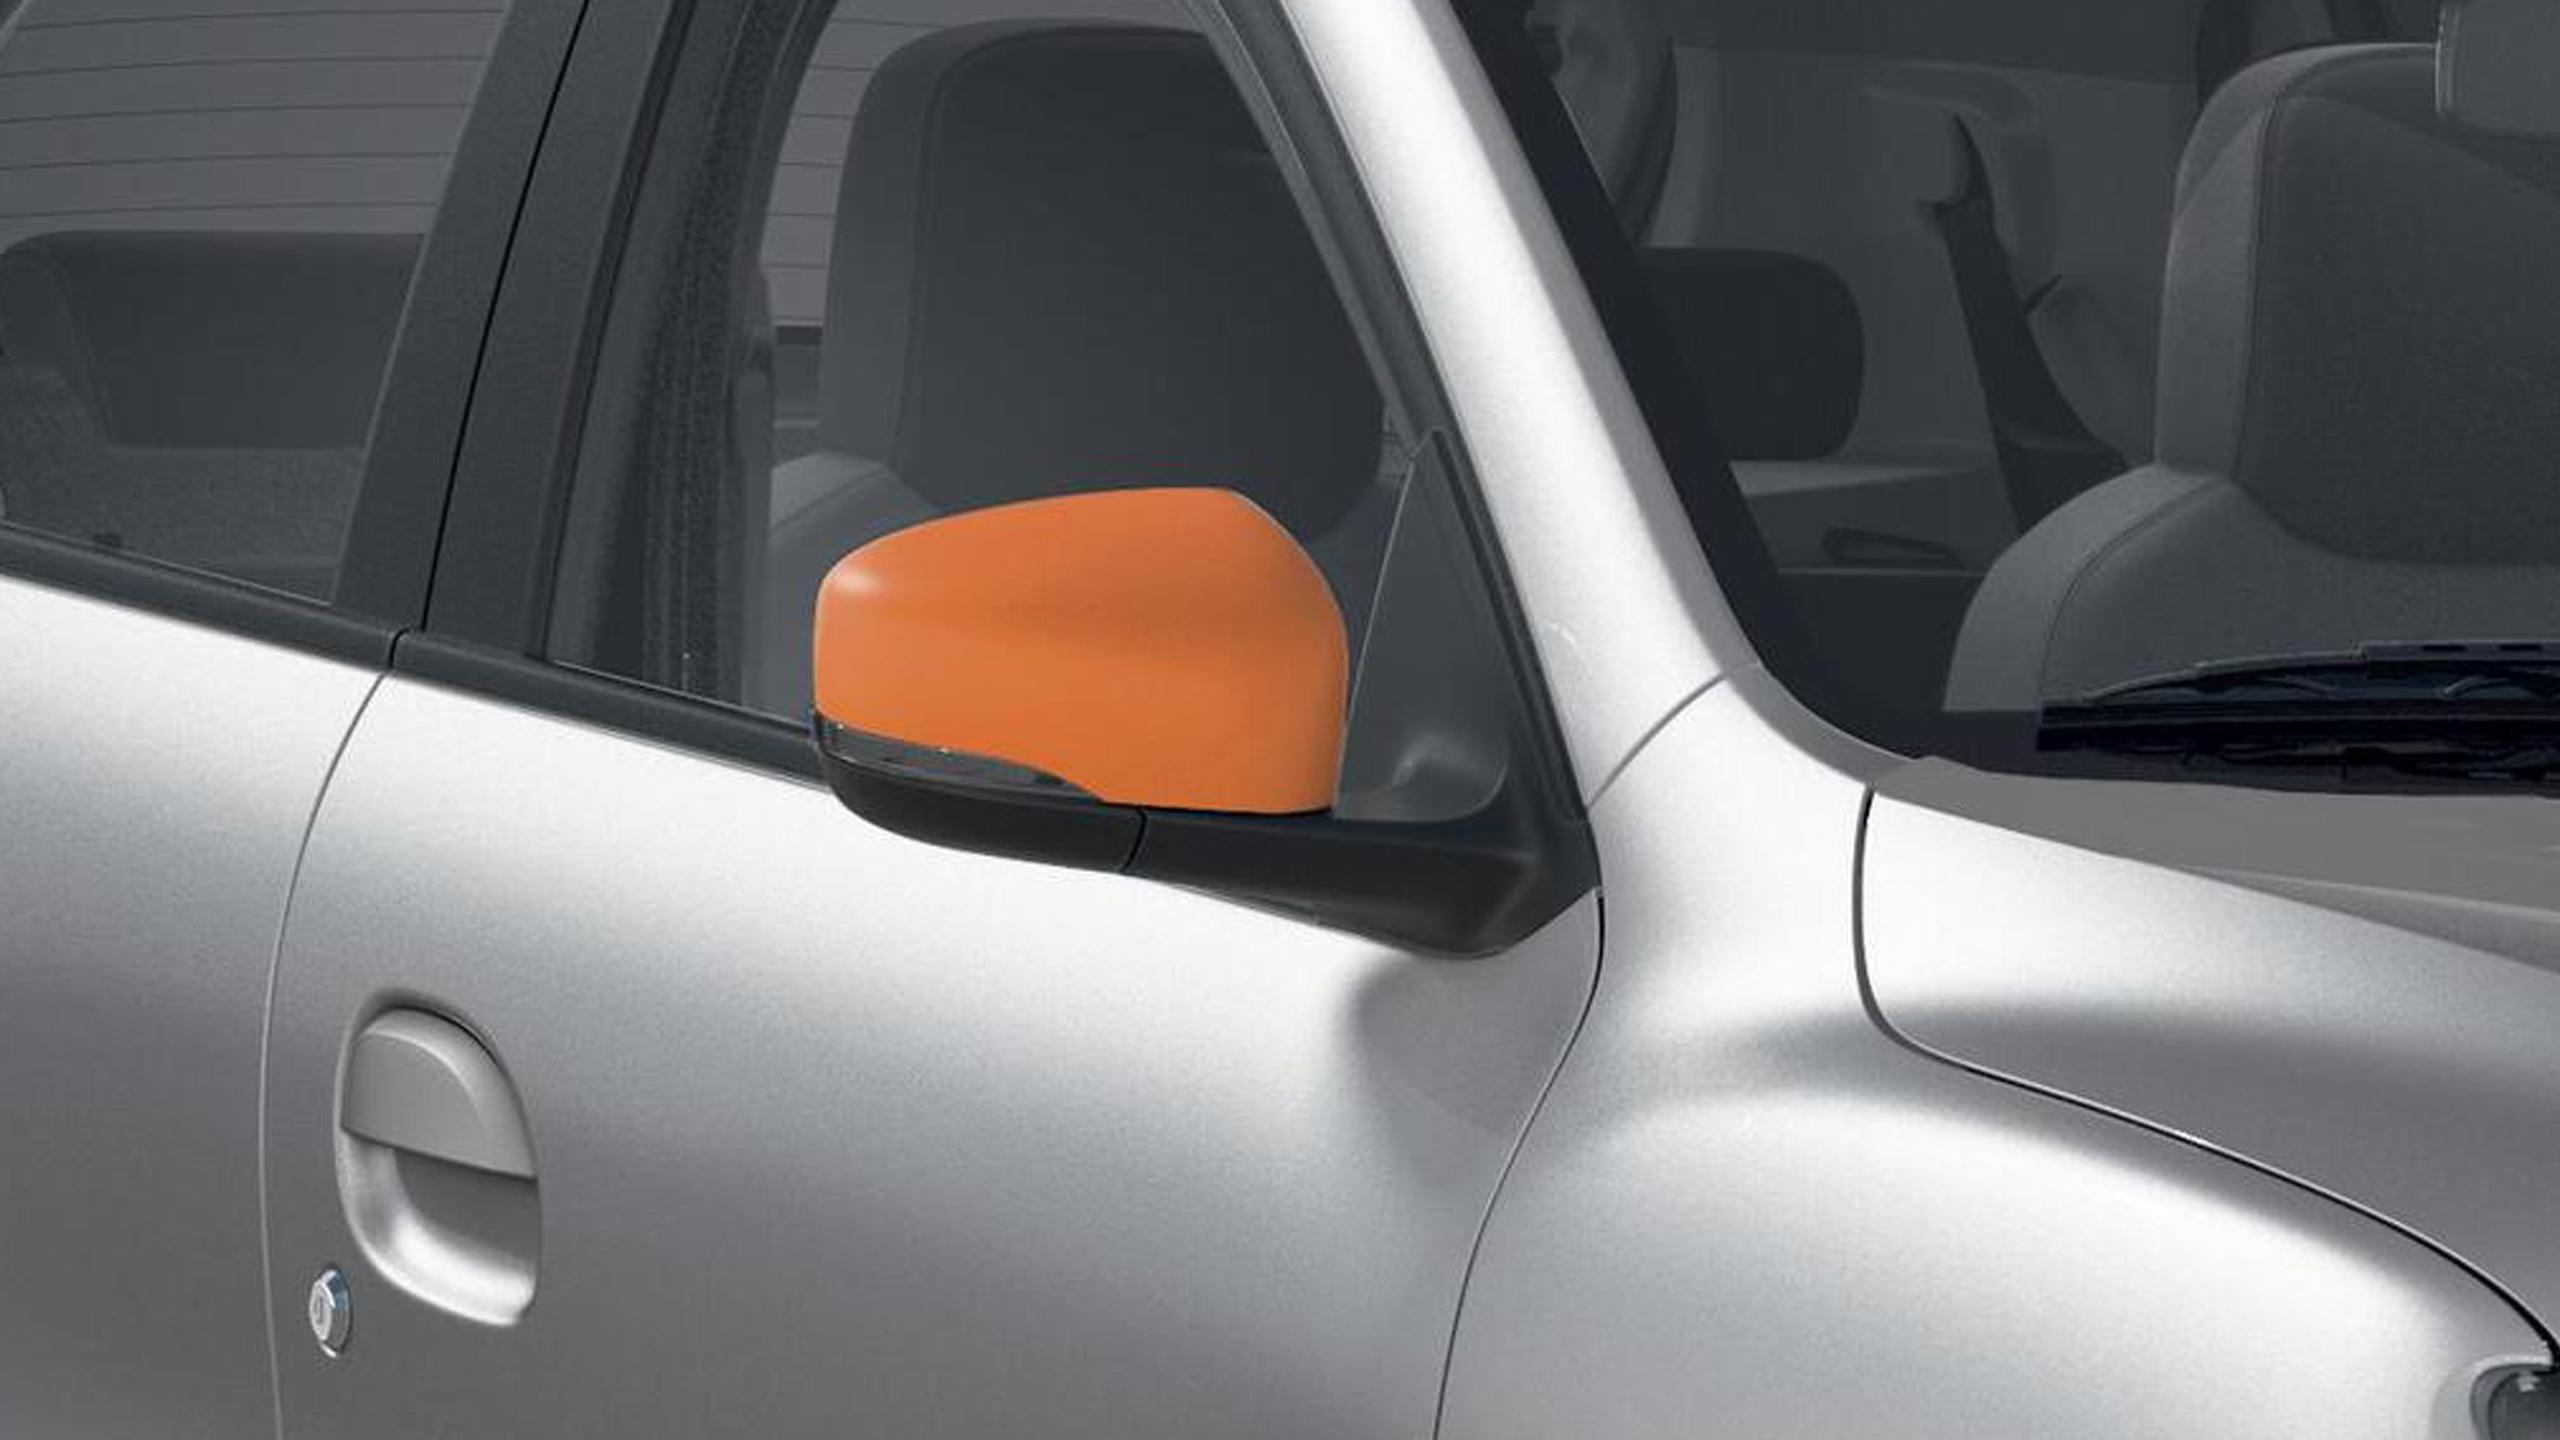 Oglinzi retrovizoare Confort Plus